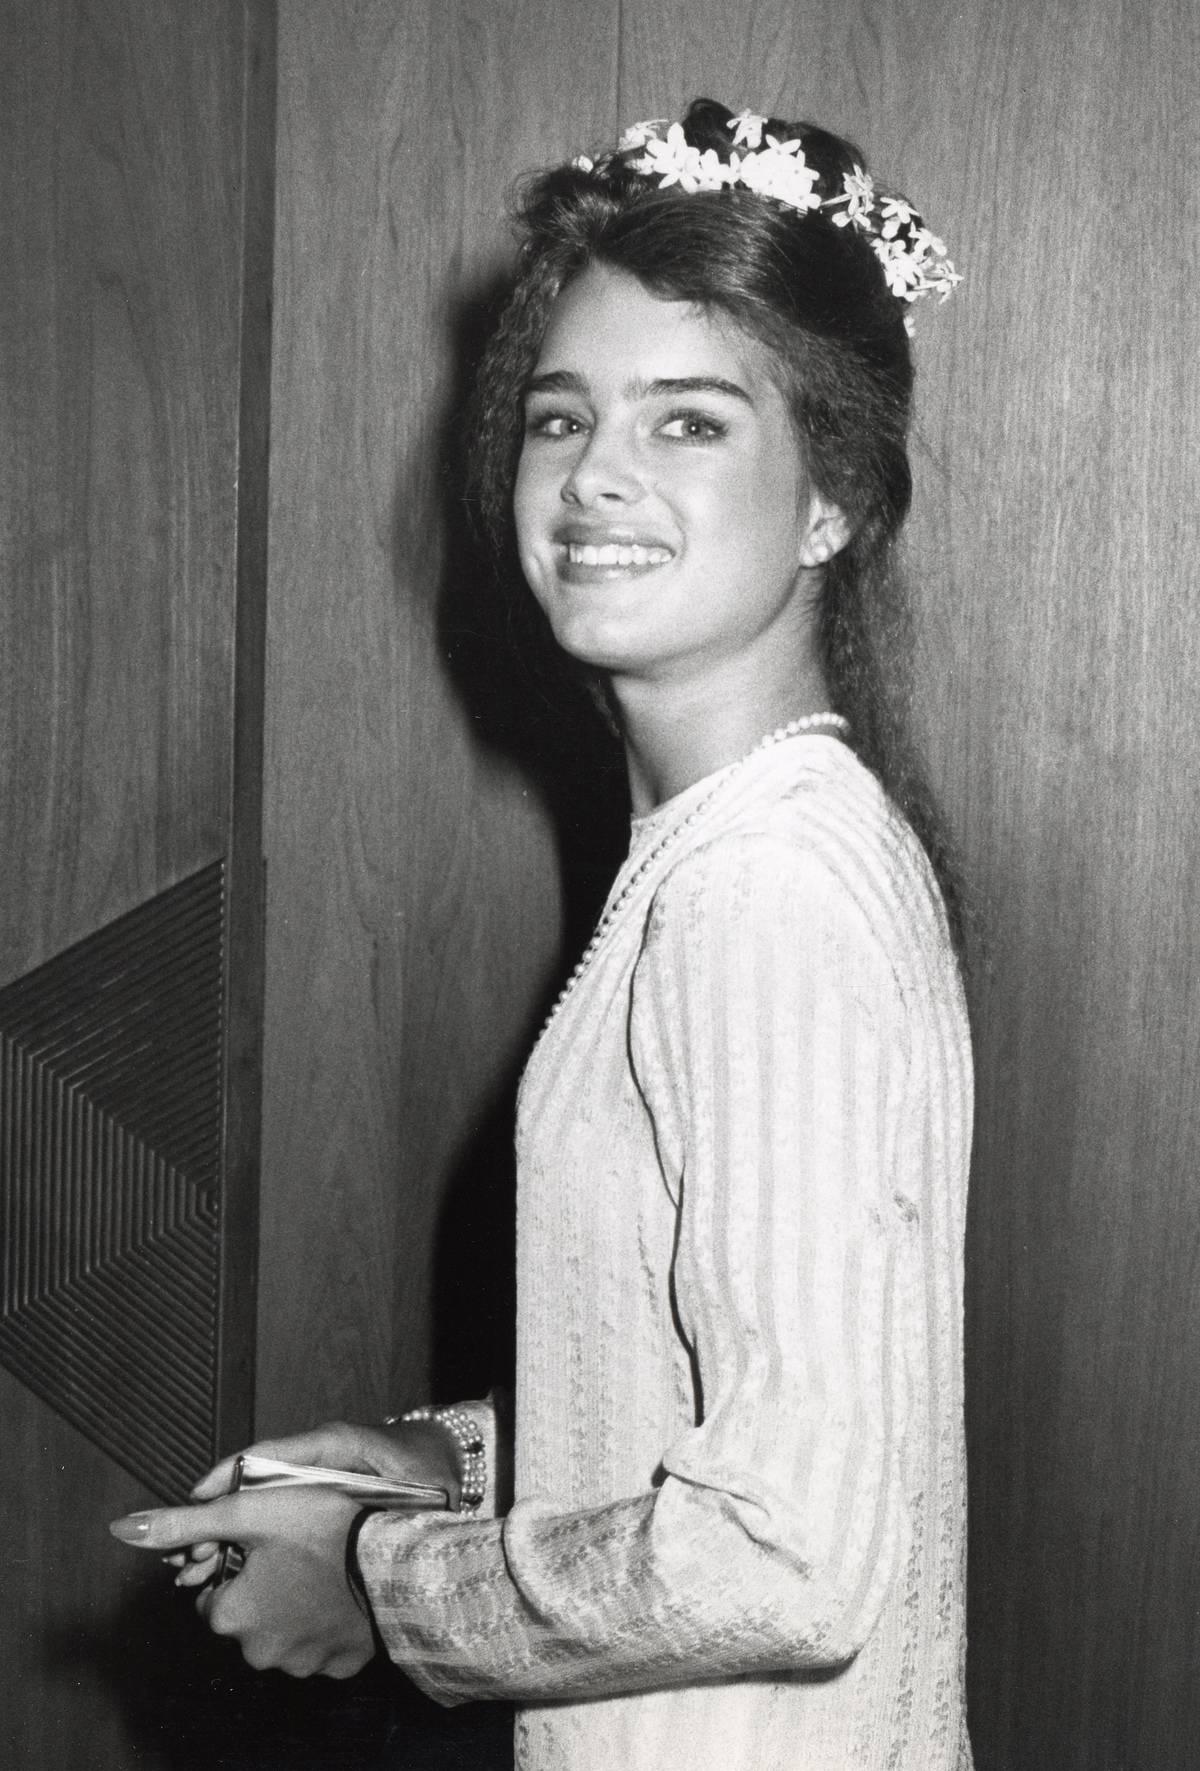 Brooke Shields In 1979